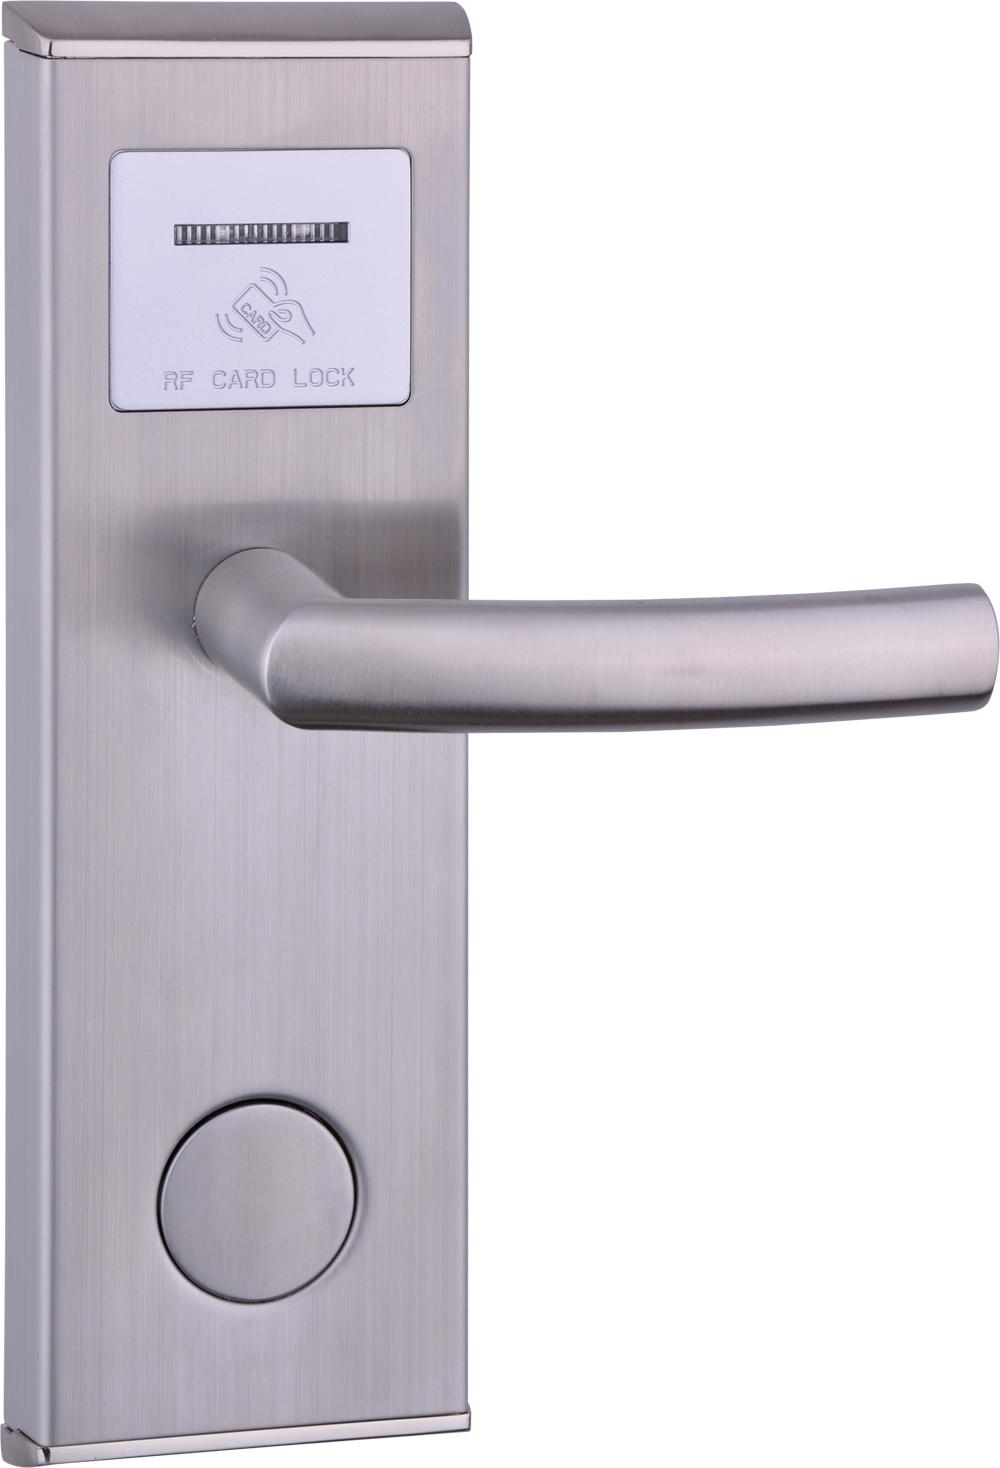 hotel-key-card-system-malaysia